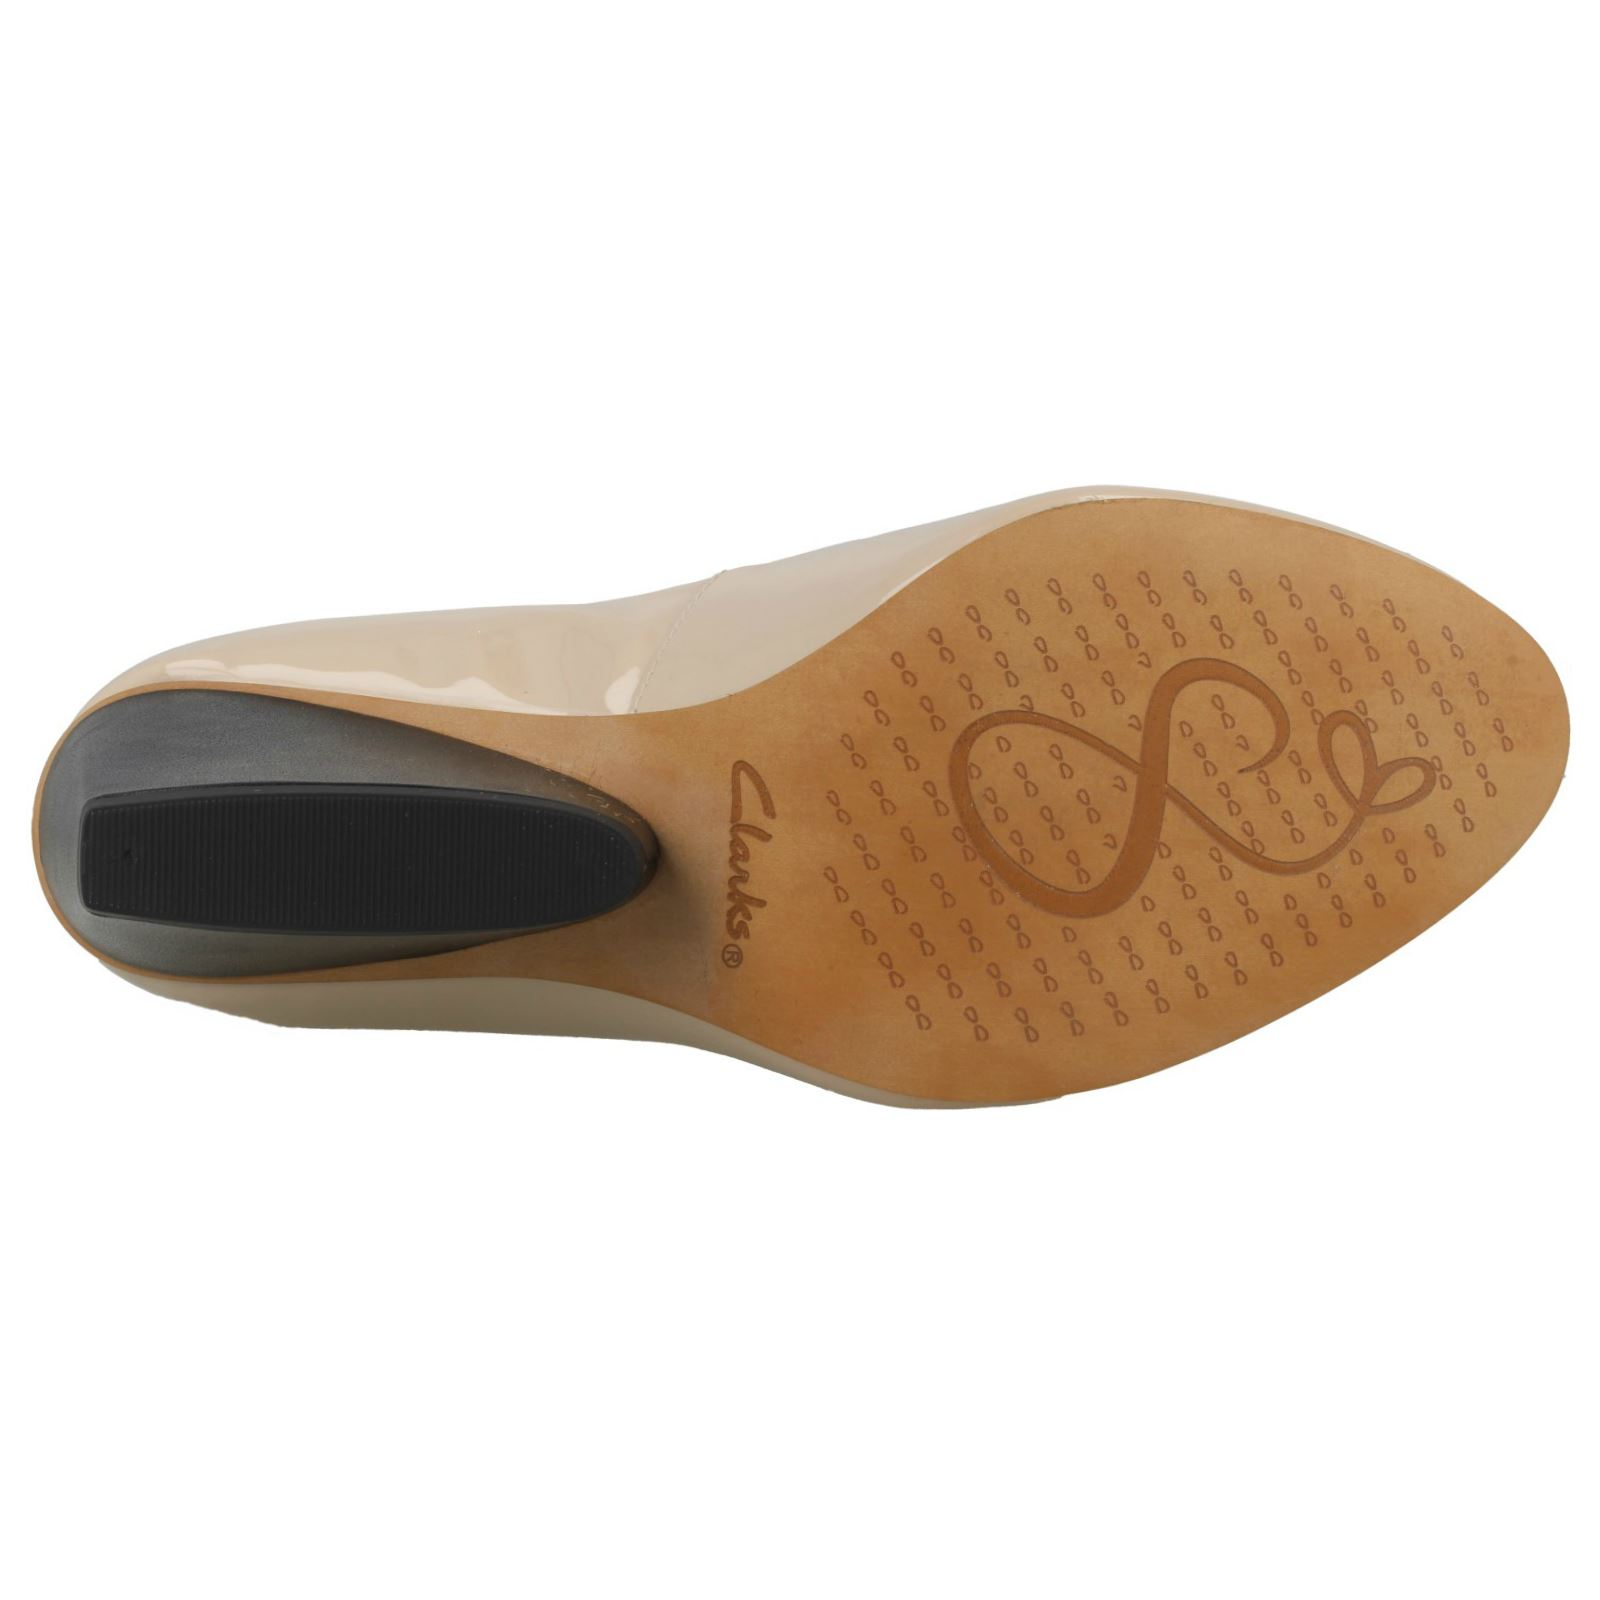 Damen 'Demerara Clarks Smart Keilabsatz Schuhe 'Demerara Damen Spice' 691f4e